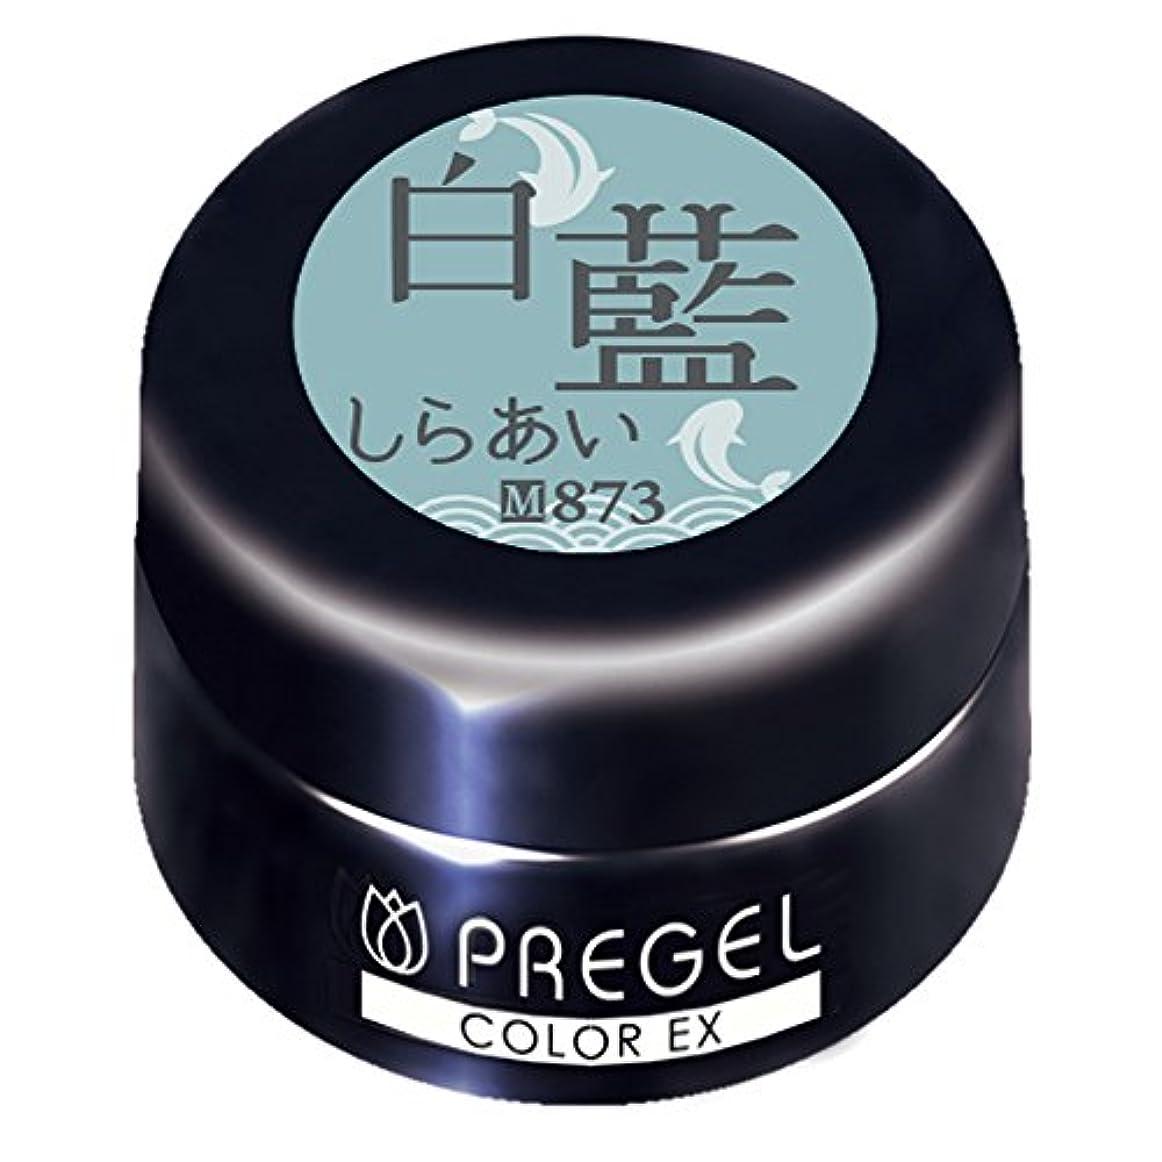 呼吸する貝殻テーブルPRE GEL カラーEX 白藍873 3g UV/LED対応